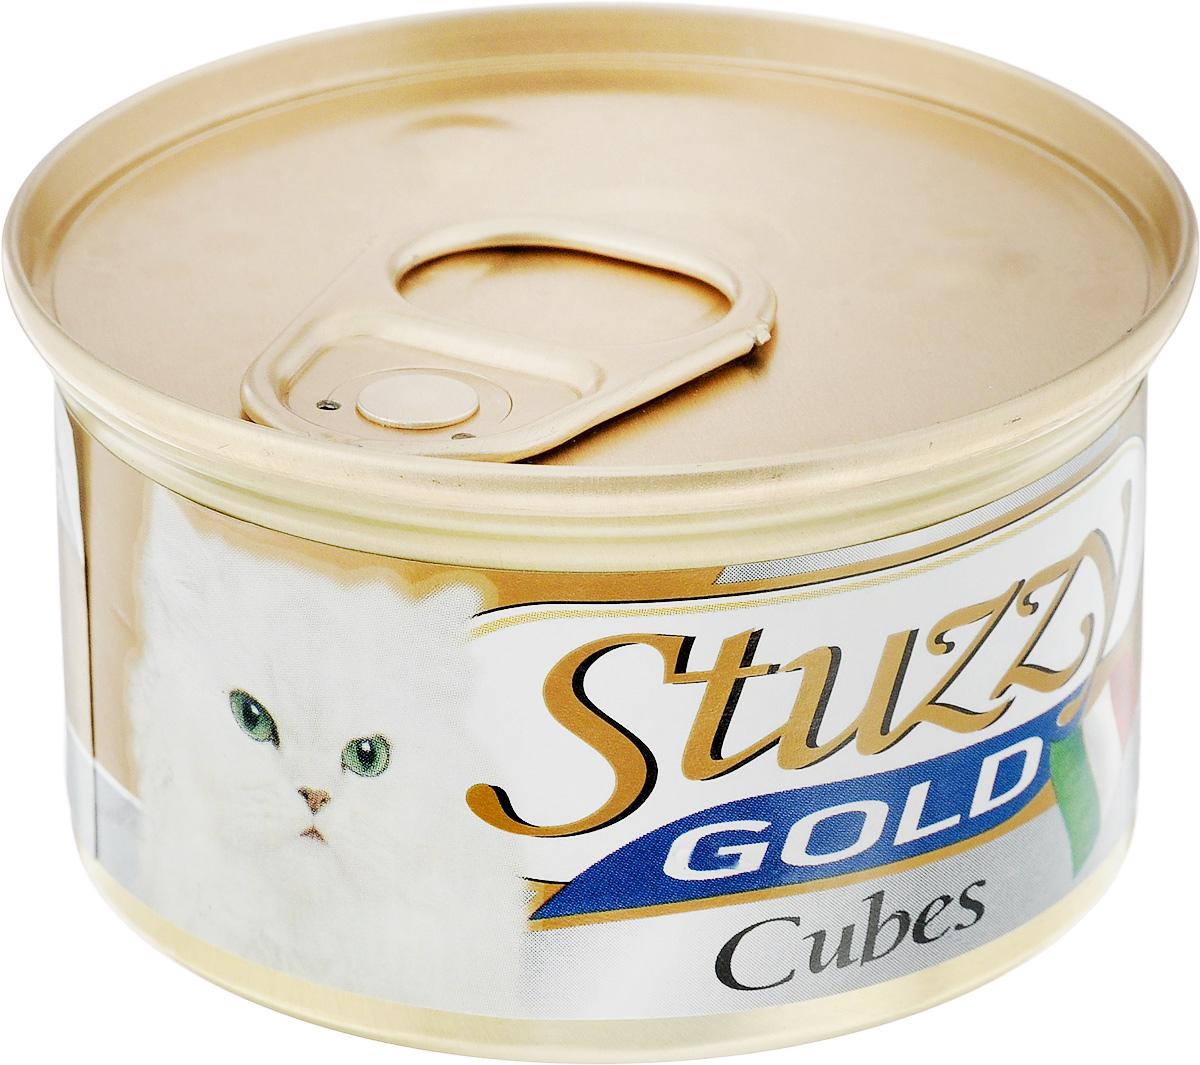 Консервы для взрослых кошек Stuzzy Gold, индейка, 85 г. 132.C435101246Консервы для кошек Stuzzy Gold - это дополнительный рацион для взрослых кошек. Корм обогащен таурином и витамином Е для поддержания правильной работы сердца и иммунной системы. Инулин обеспечивает всасывание питательных веществ, а биотин способствуют великолепному внешнему виду кожи и шерсти. Корм приготовлен на пару, не содержит красителей и консервантов. Состав: мясо и мясные субпродукты 45% (из них индейка 13%).Питательная ценность: белок 9%, жир 5,5%, клетчатка 0,1%, зола 2%, влажность 80%. Питательные добавки (на кг): витамин А 1177 МЕ, витамин D3 700 МЕ, витамин Е 40 мг, таурин 300 мг, железо 63,14 мг, цинк 40,8 мг, медь 2,32 мг, марганец 3,25 мг, селен 0,155 мг, йод 0,76 мг. Товар сертифицирован.